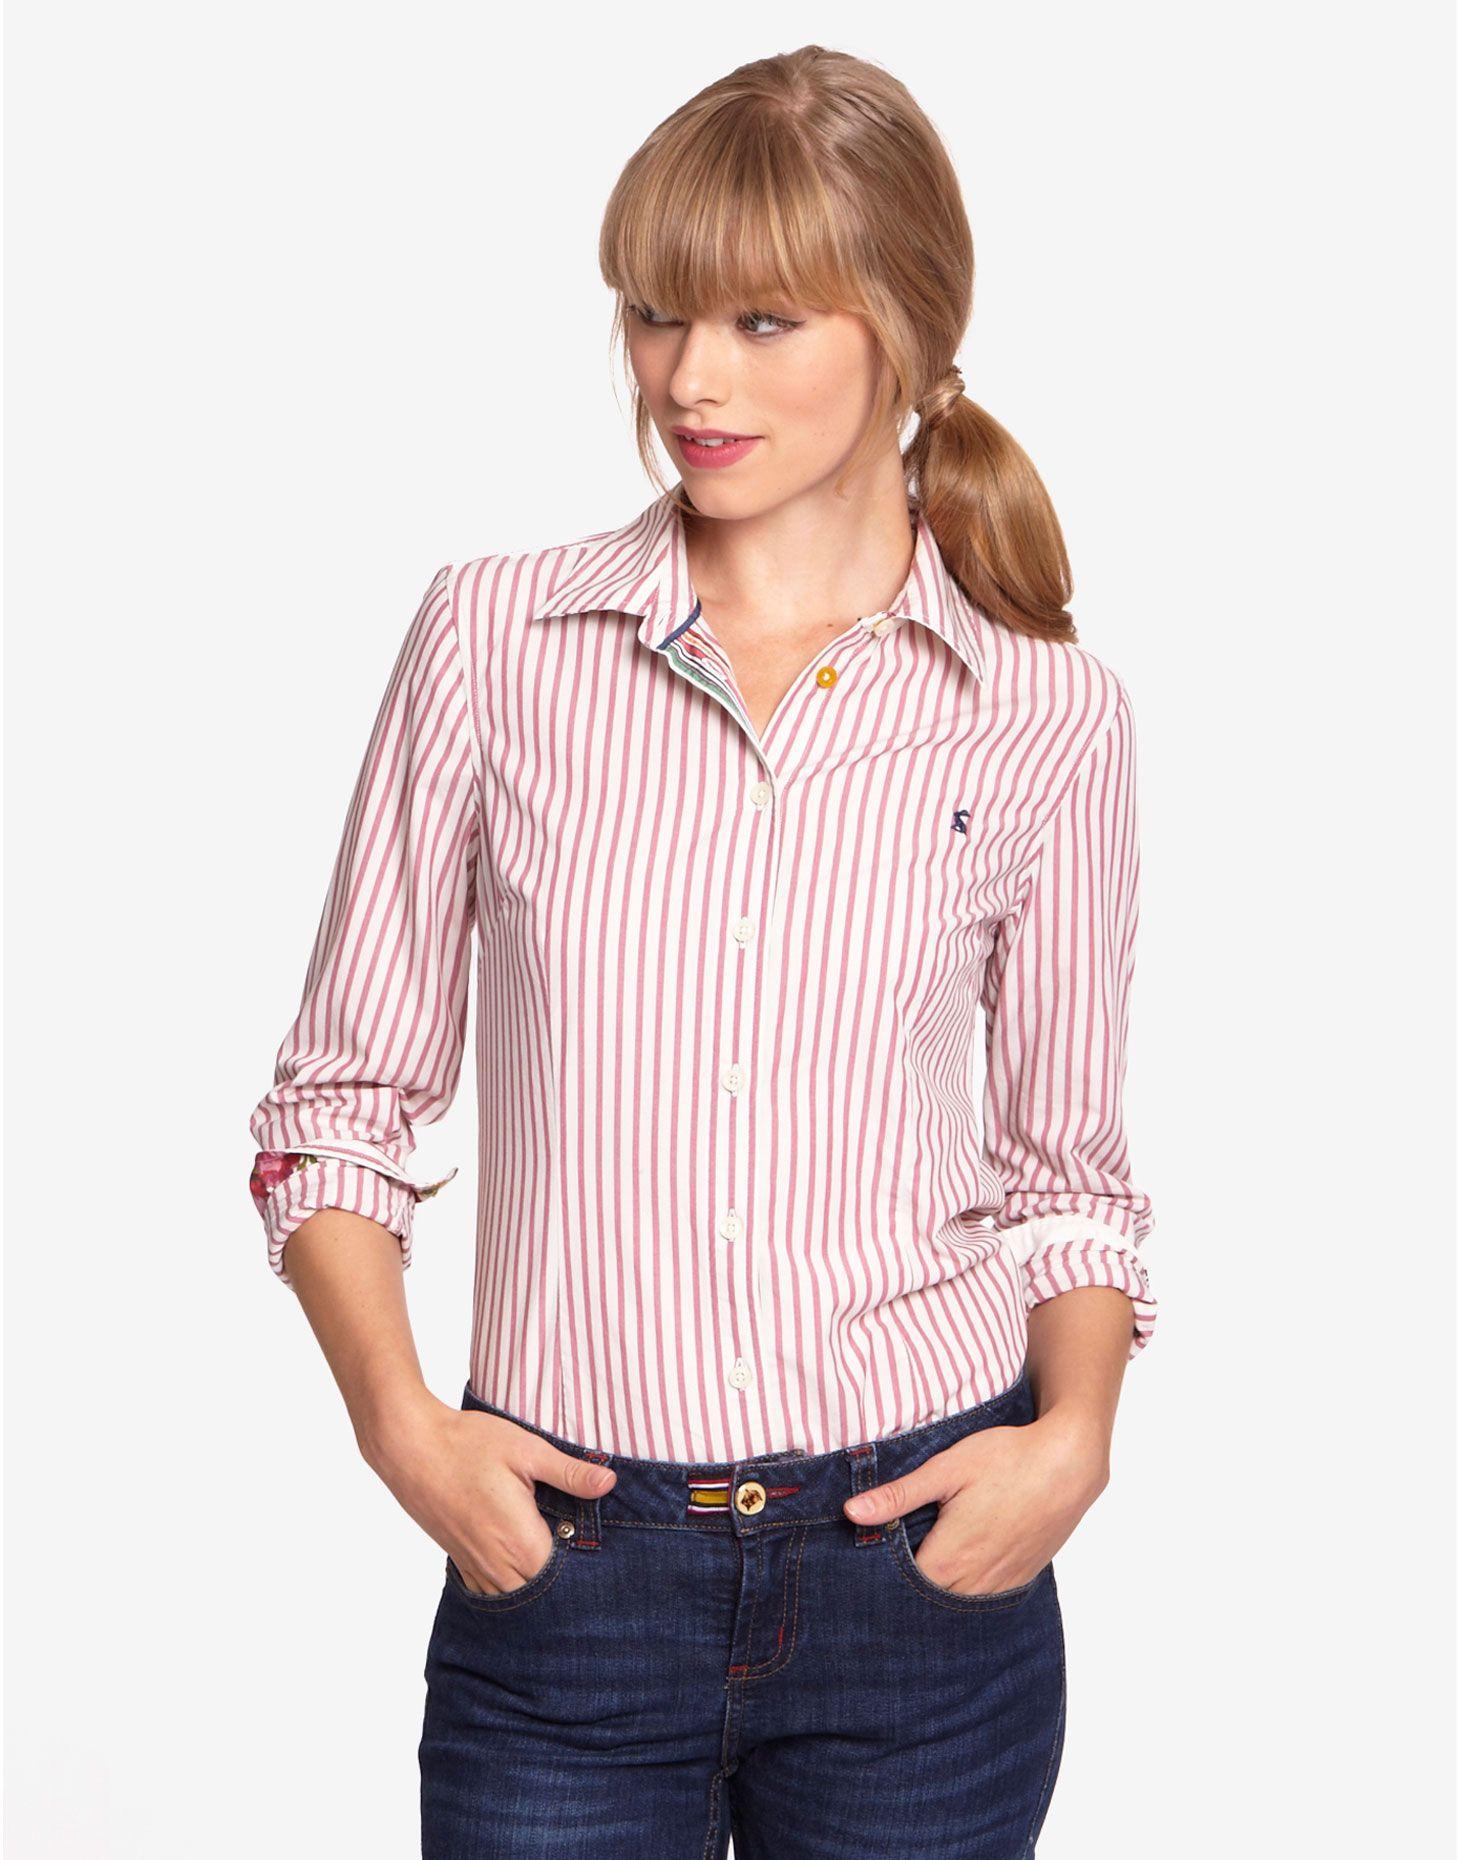 KINGSTON | Shirts | Women | Joules UK | Tweedy time | Pinterest ...